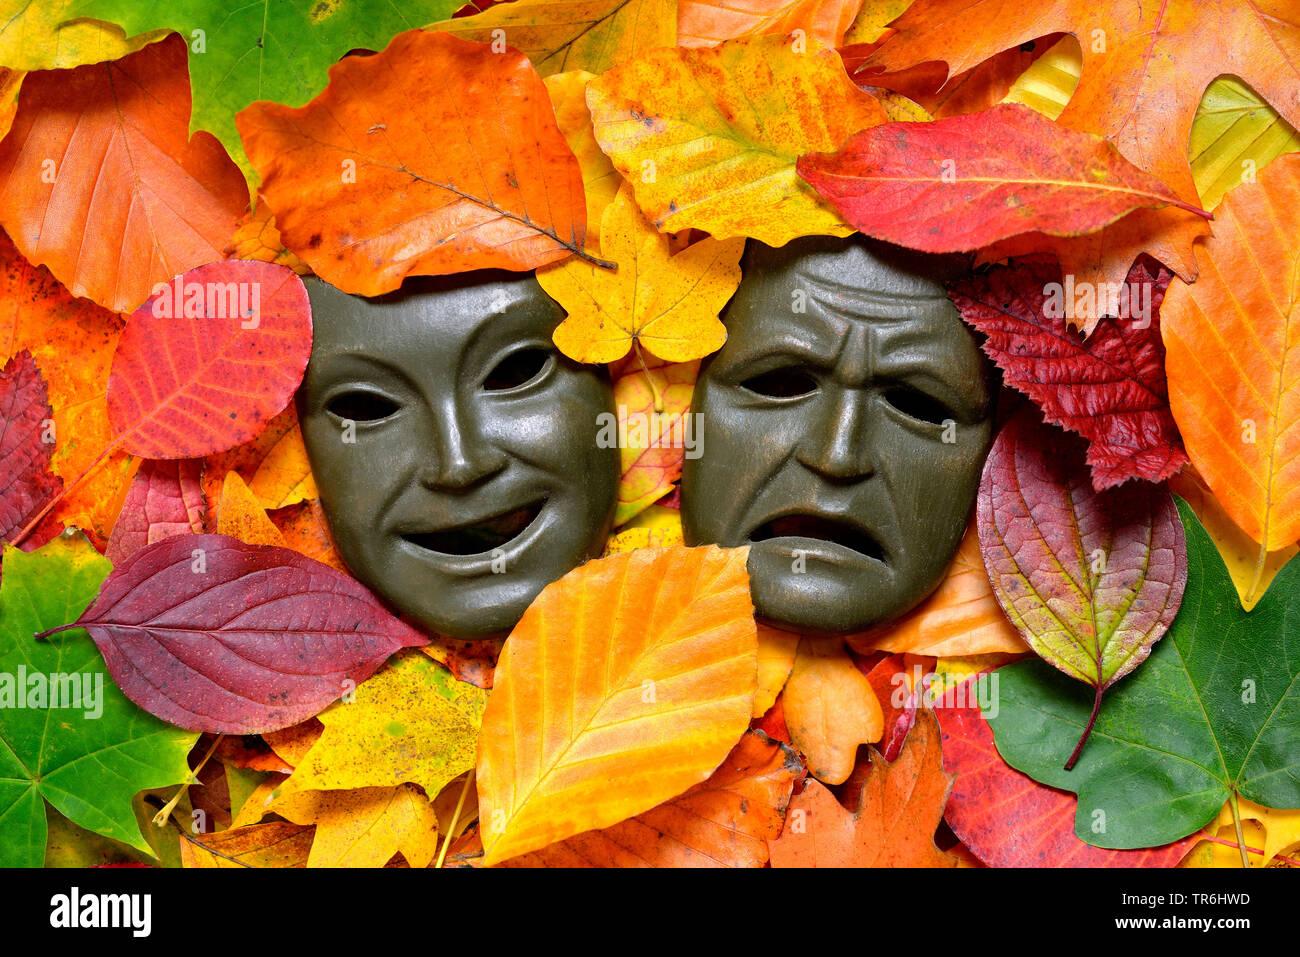 masks among autum leaves, autum blues, Germany Stock Photo